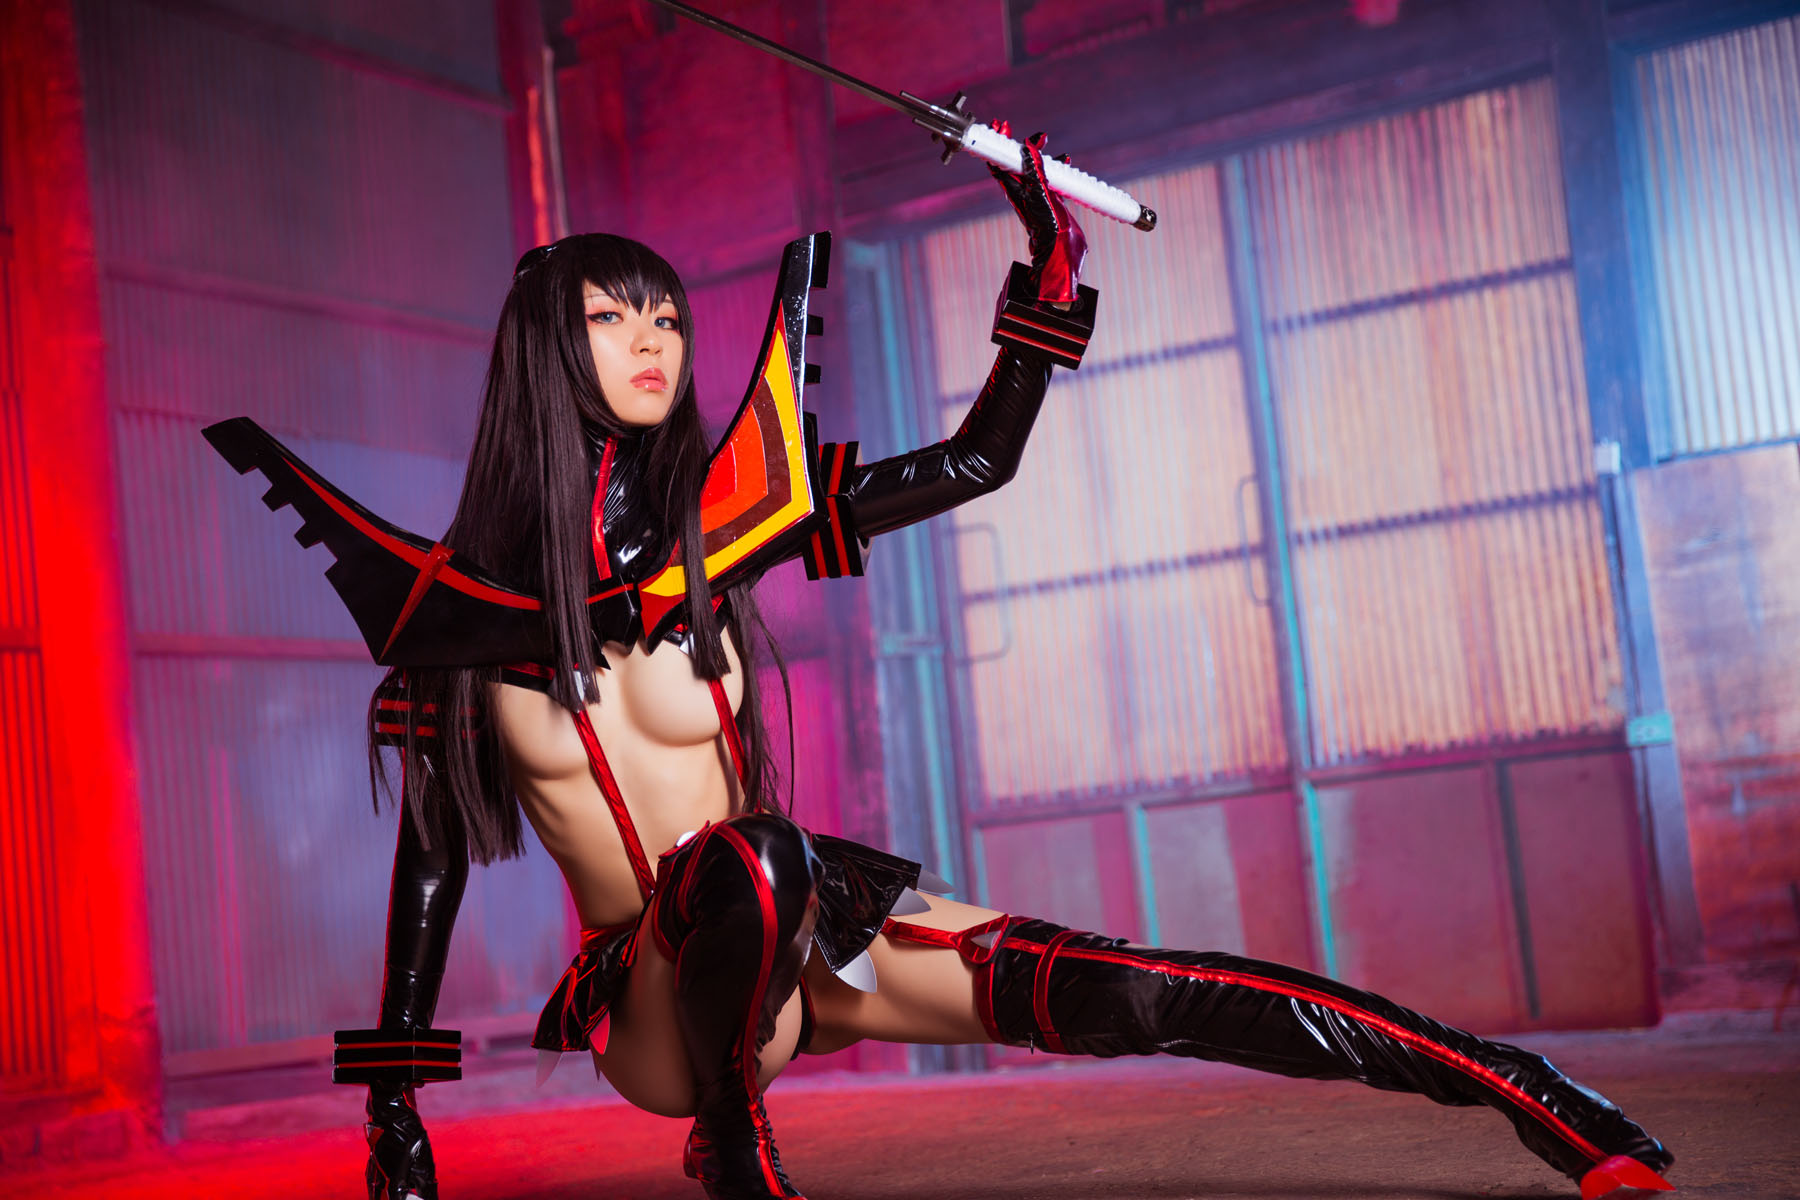 Kill la Kill Satsuki Kiryuuin anime cosplay by Mikehouse 0035